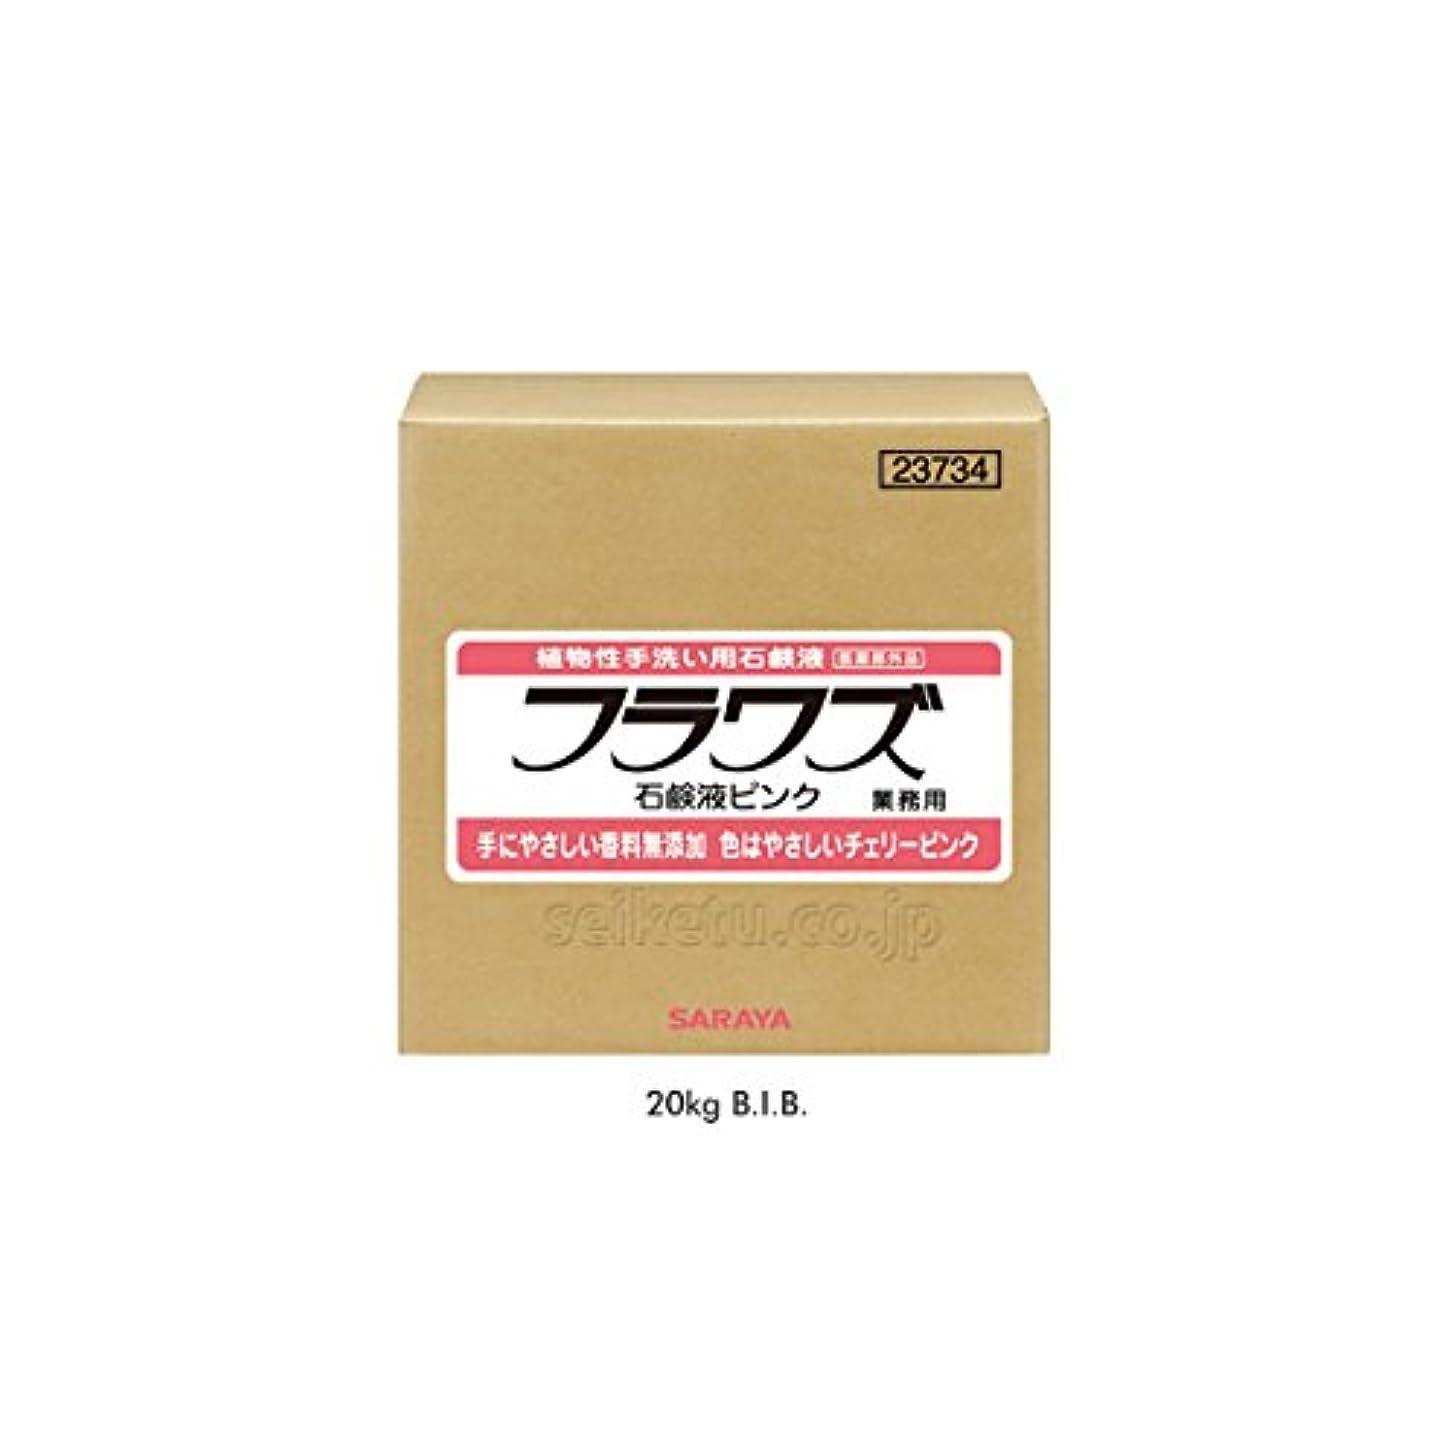 運営クラシック組み合わせ【清潔キレイ館】サラヤ フラワズ石鹸液ピンク(20kg)